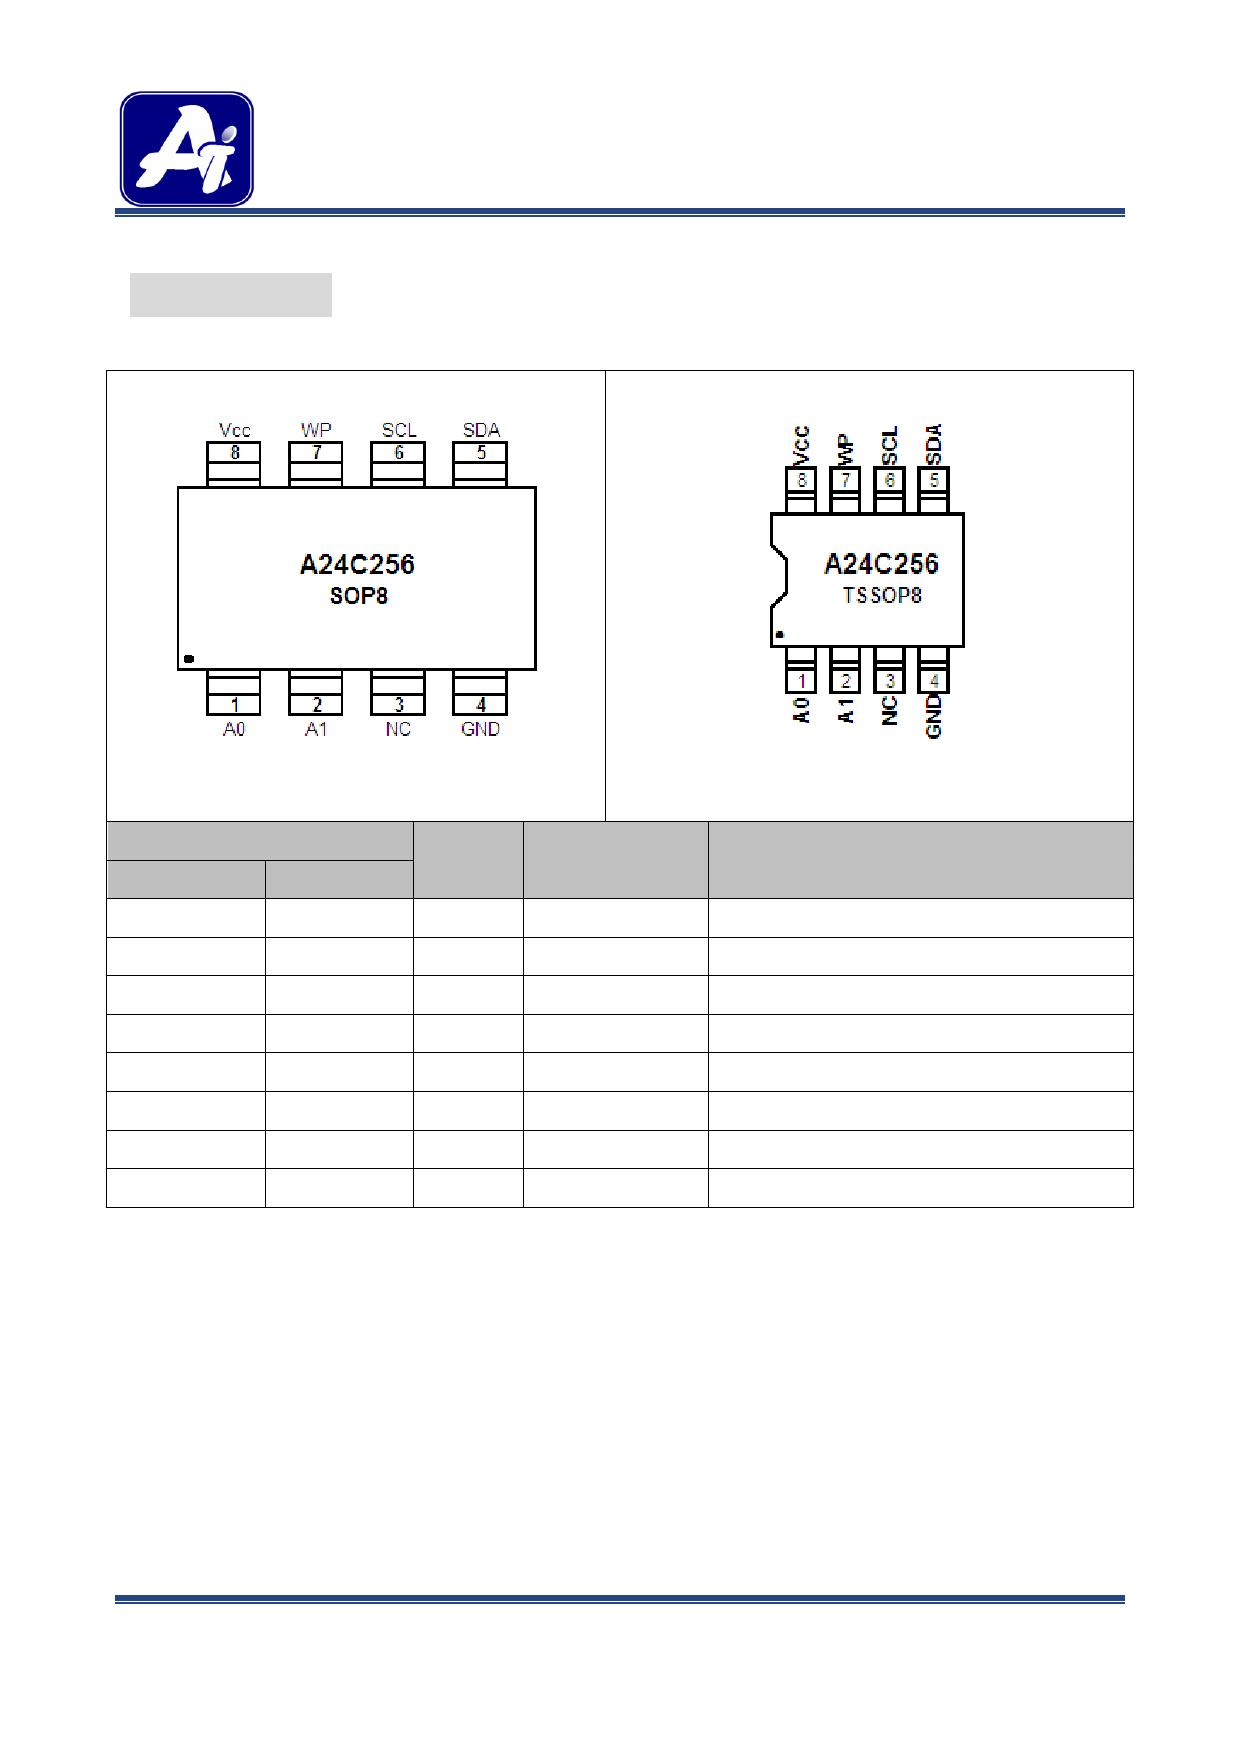 A24C256 data sheet